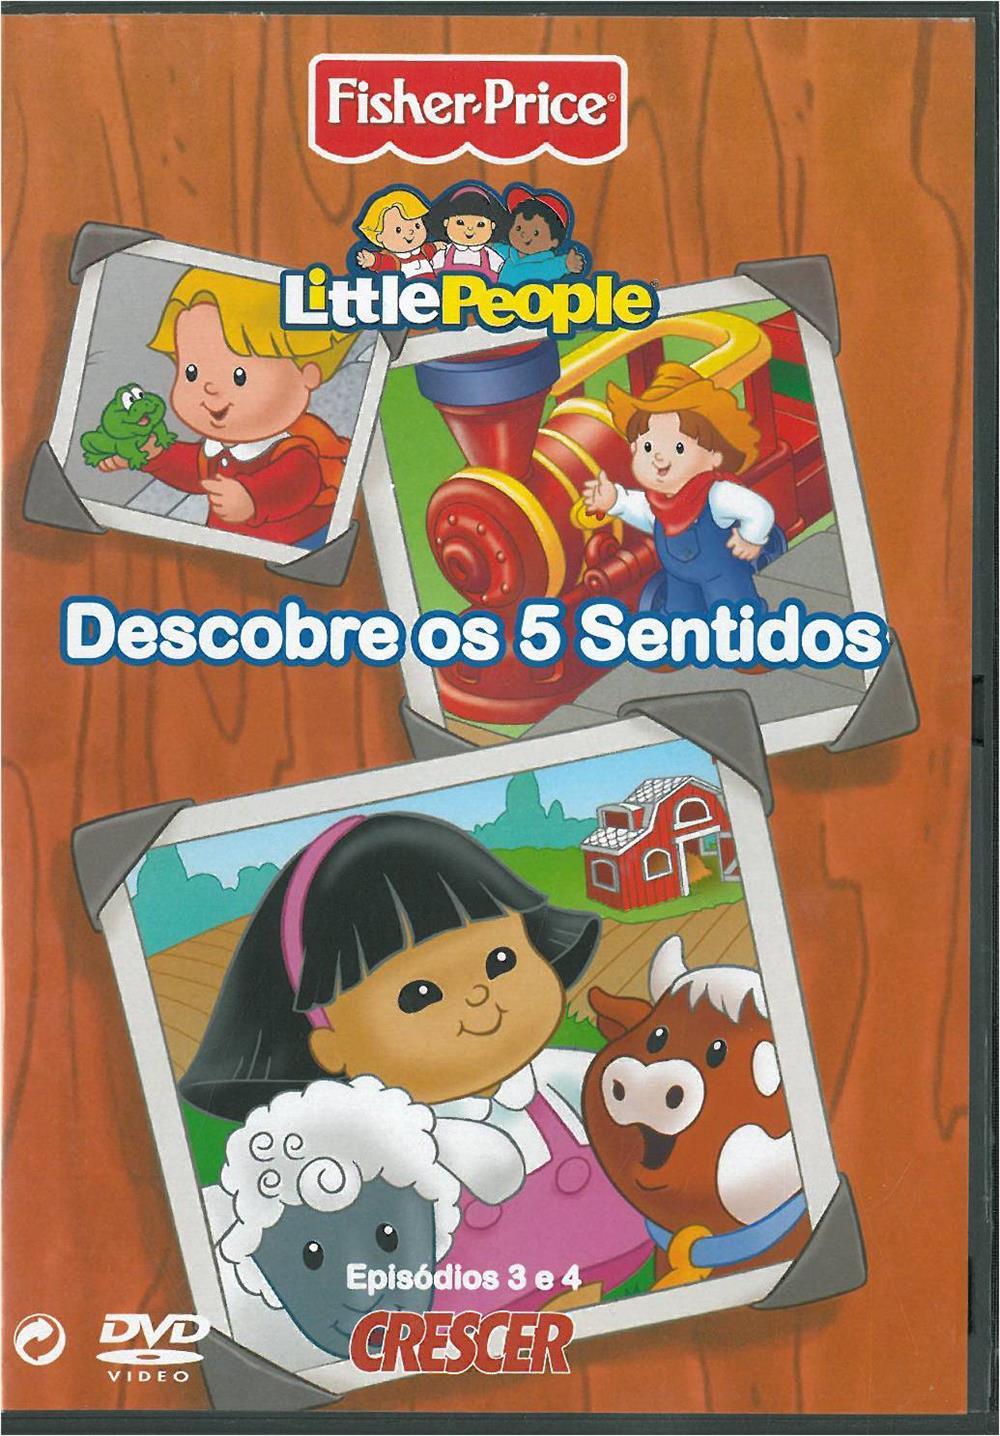 Little People descobre os 5 sentidos_episódios 3 e 4_DVD.jpg